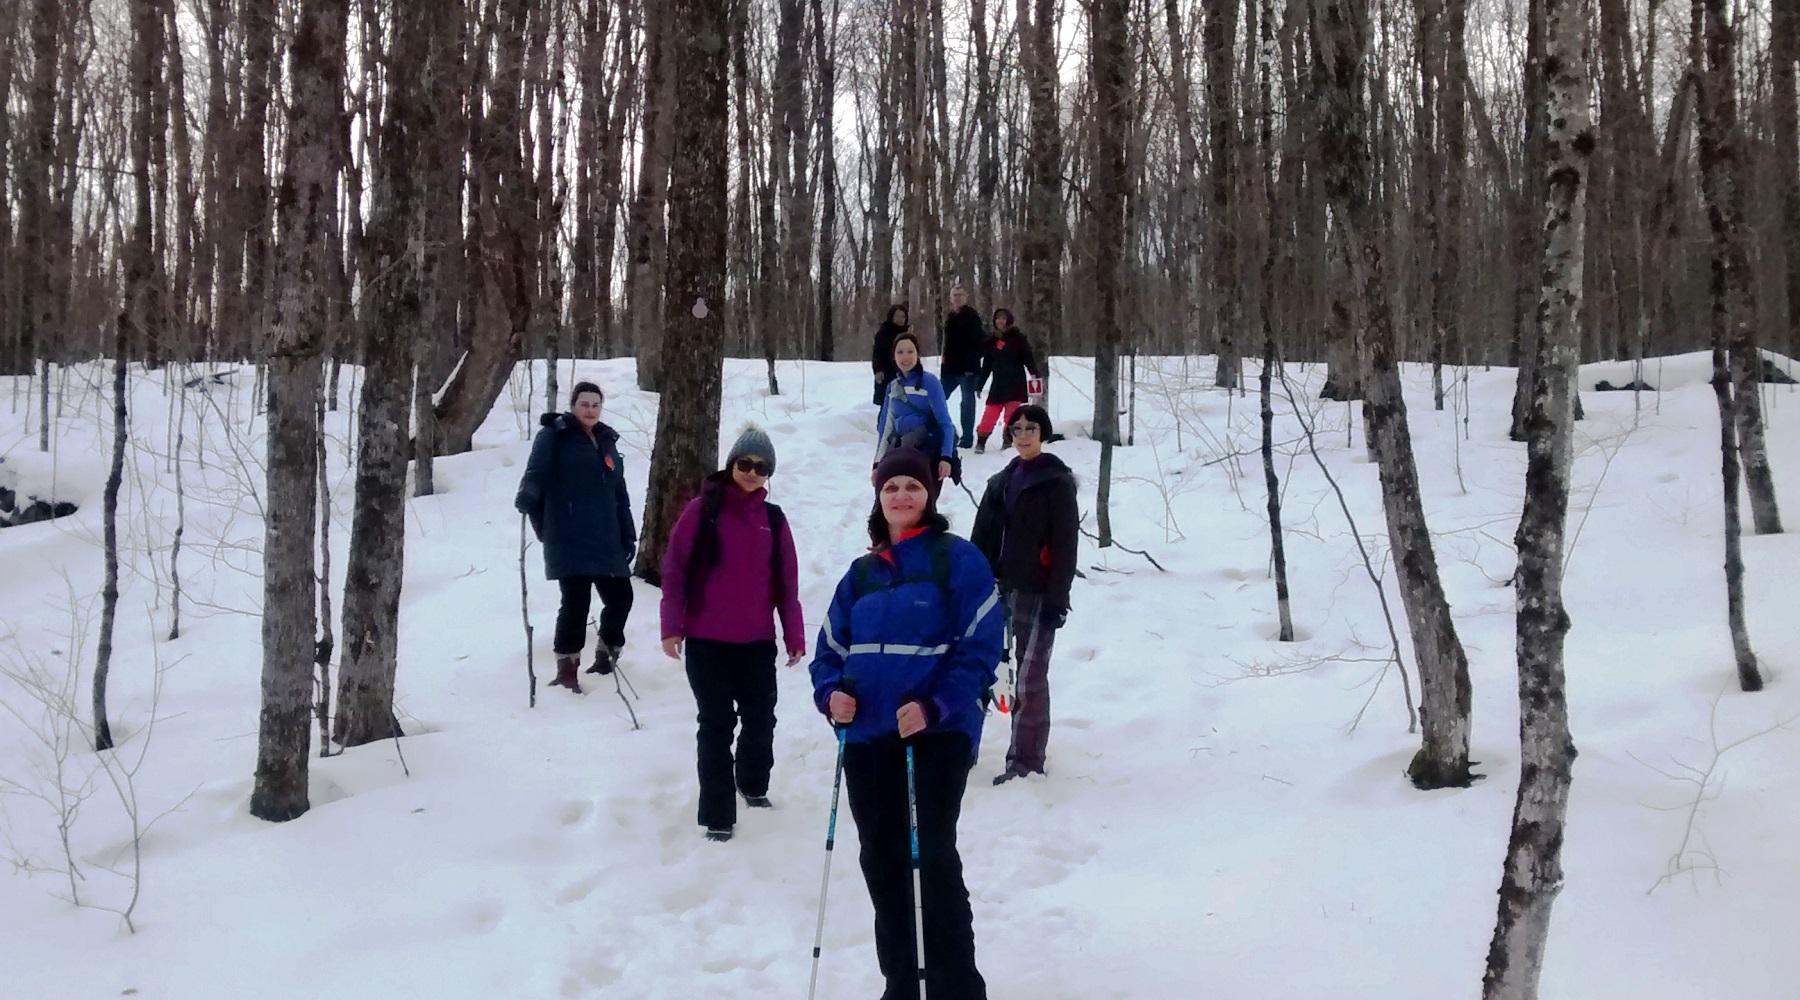 Arrowhead Prov Park #snowshoeing photos @Parkbus @OntarioParks #TOhiking